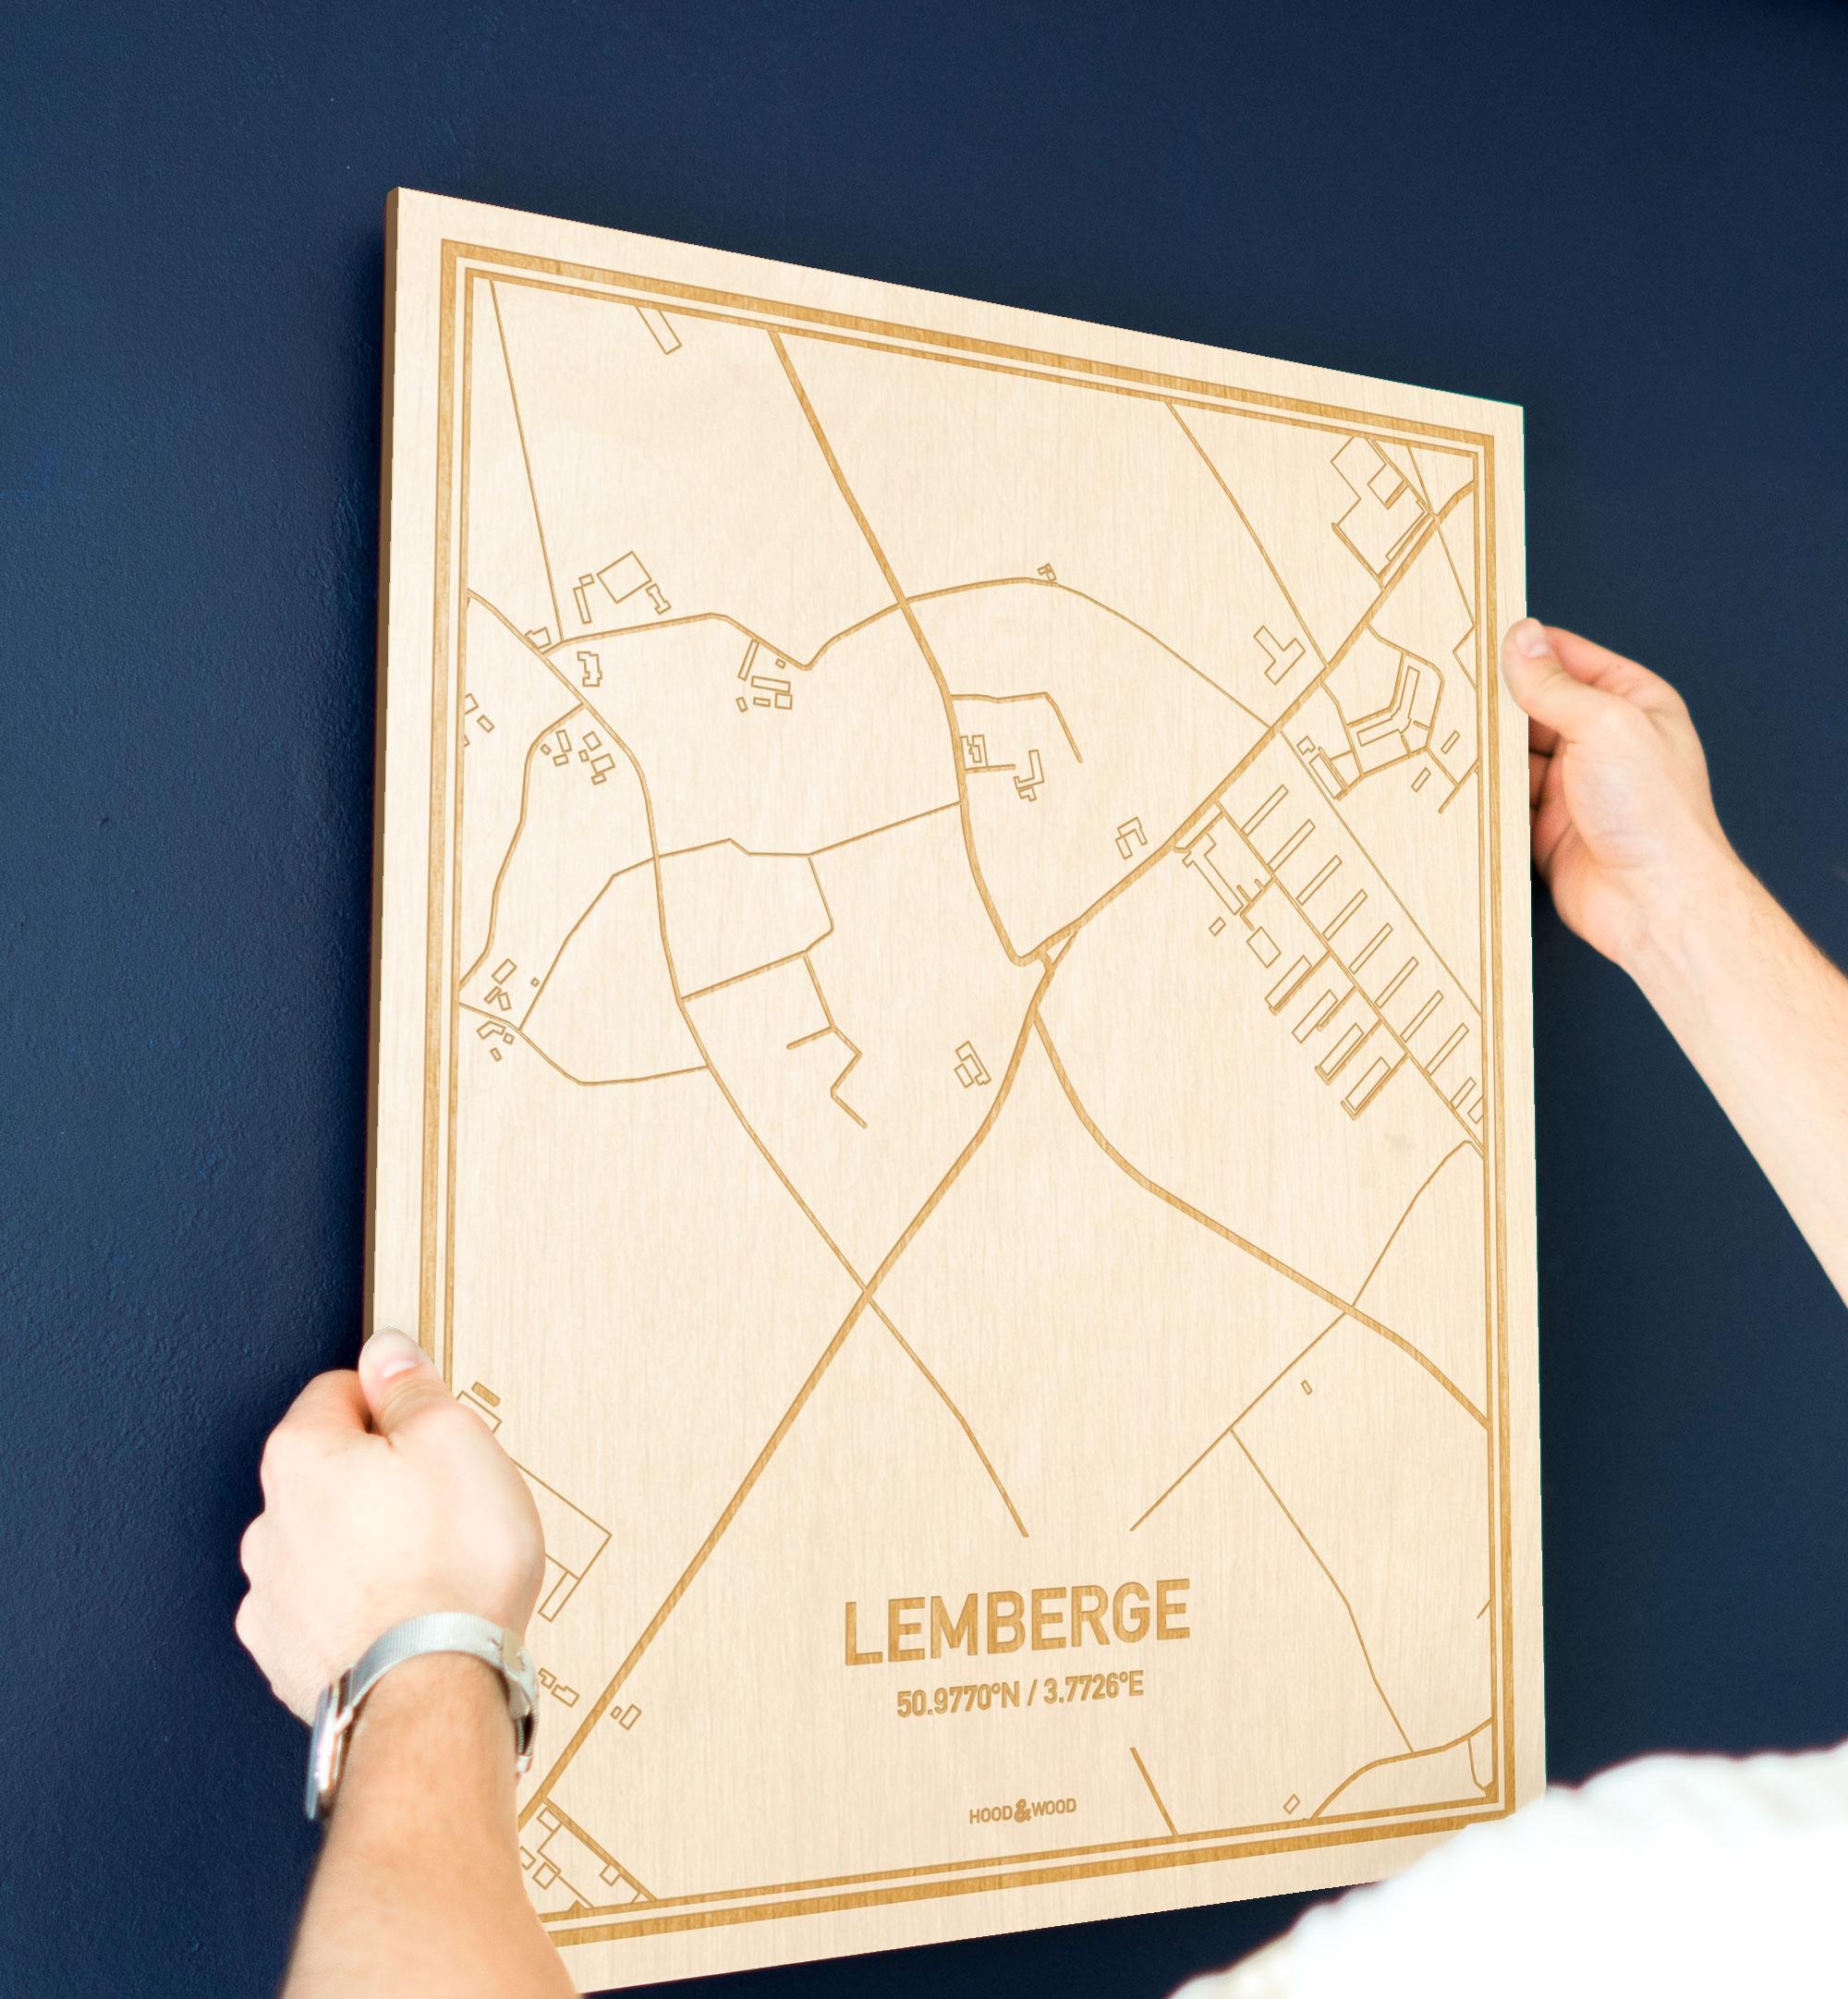 Een man hangt de houten plattegrond Lemberge aan zijn blauwe muur ter decoratie. Je ziet alleen zijn handen de kaart van deze speciale in Oost-Vlaanderen  vasthouden.